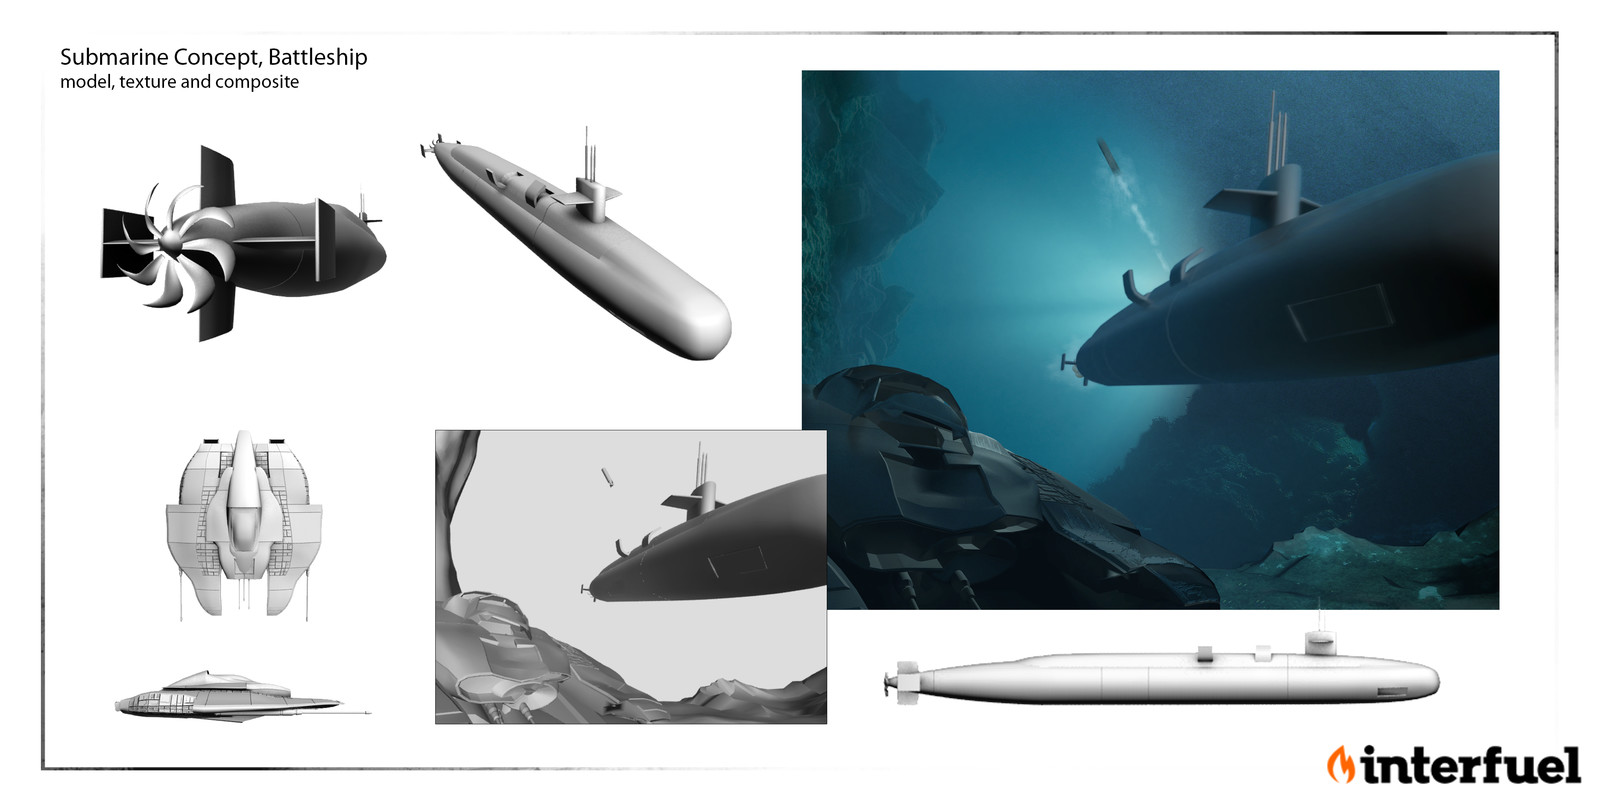 Submarine Attack Scene: Concept , design, model and composite